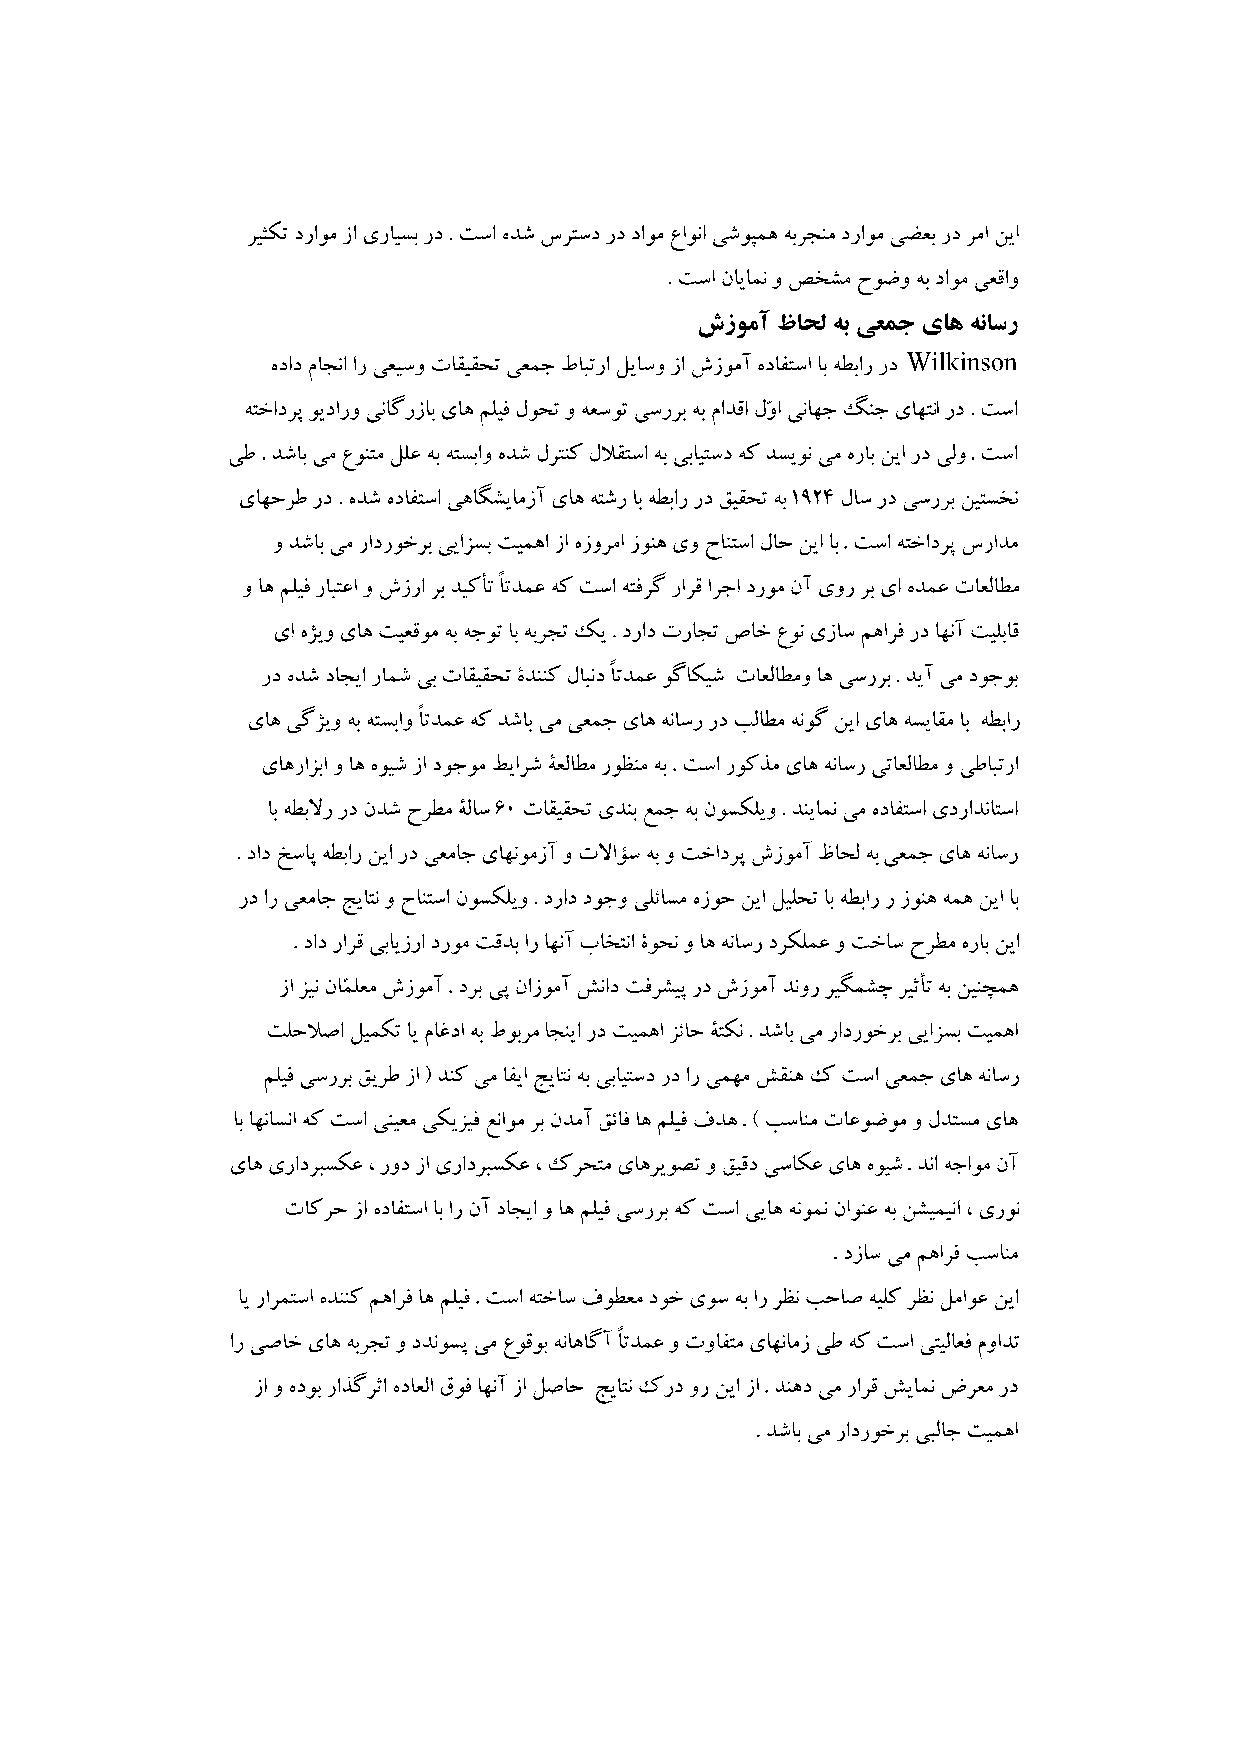 ترجمه مقاله و تحقیق - رسانه های جمعی